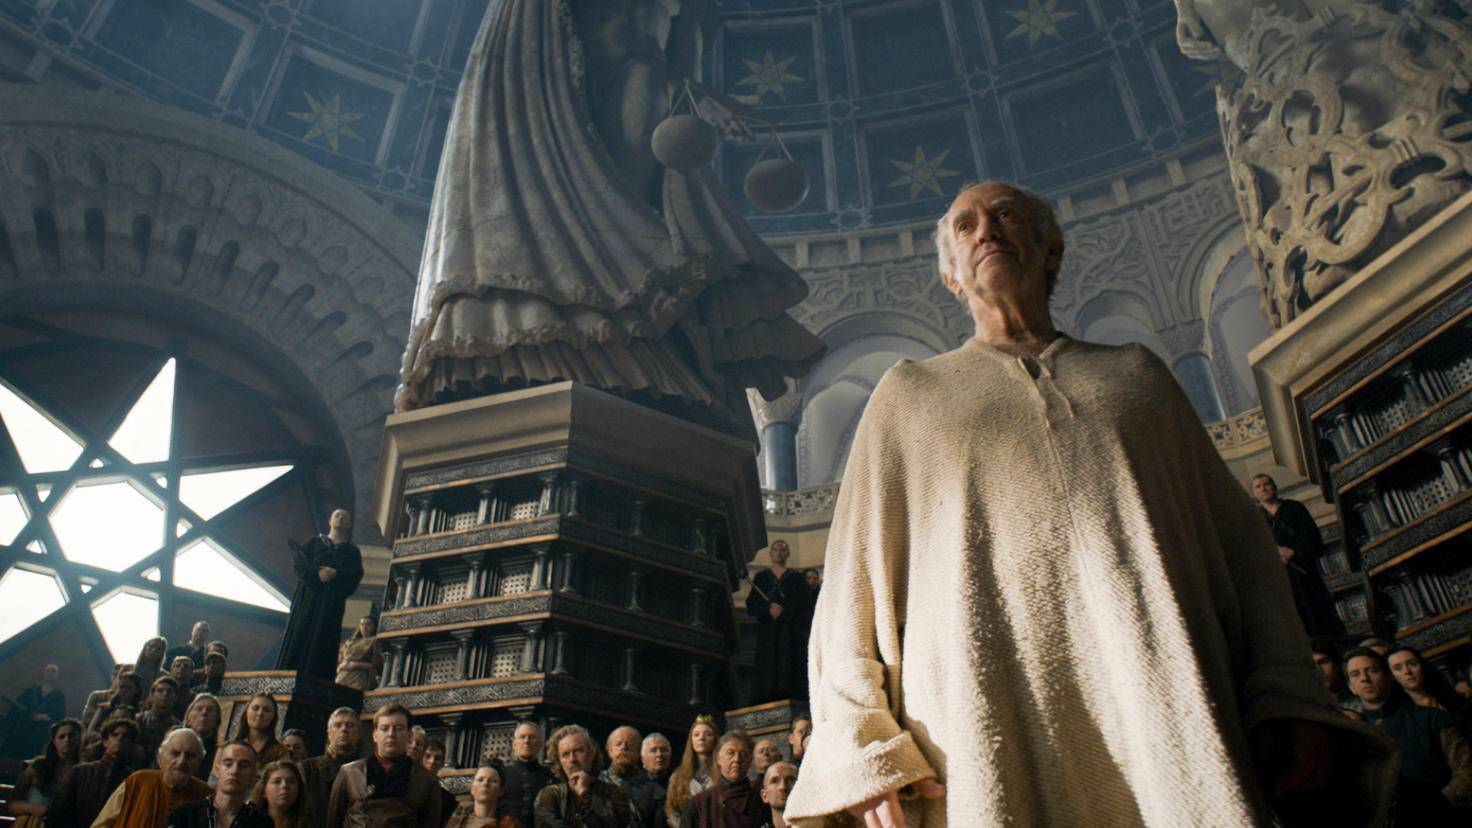 In der Großen Septe wird Margaery und ihrem Bruder der Prozess gemacht.